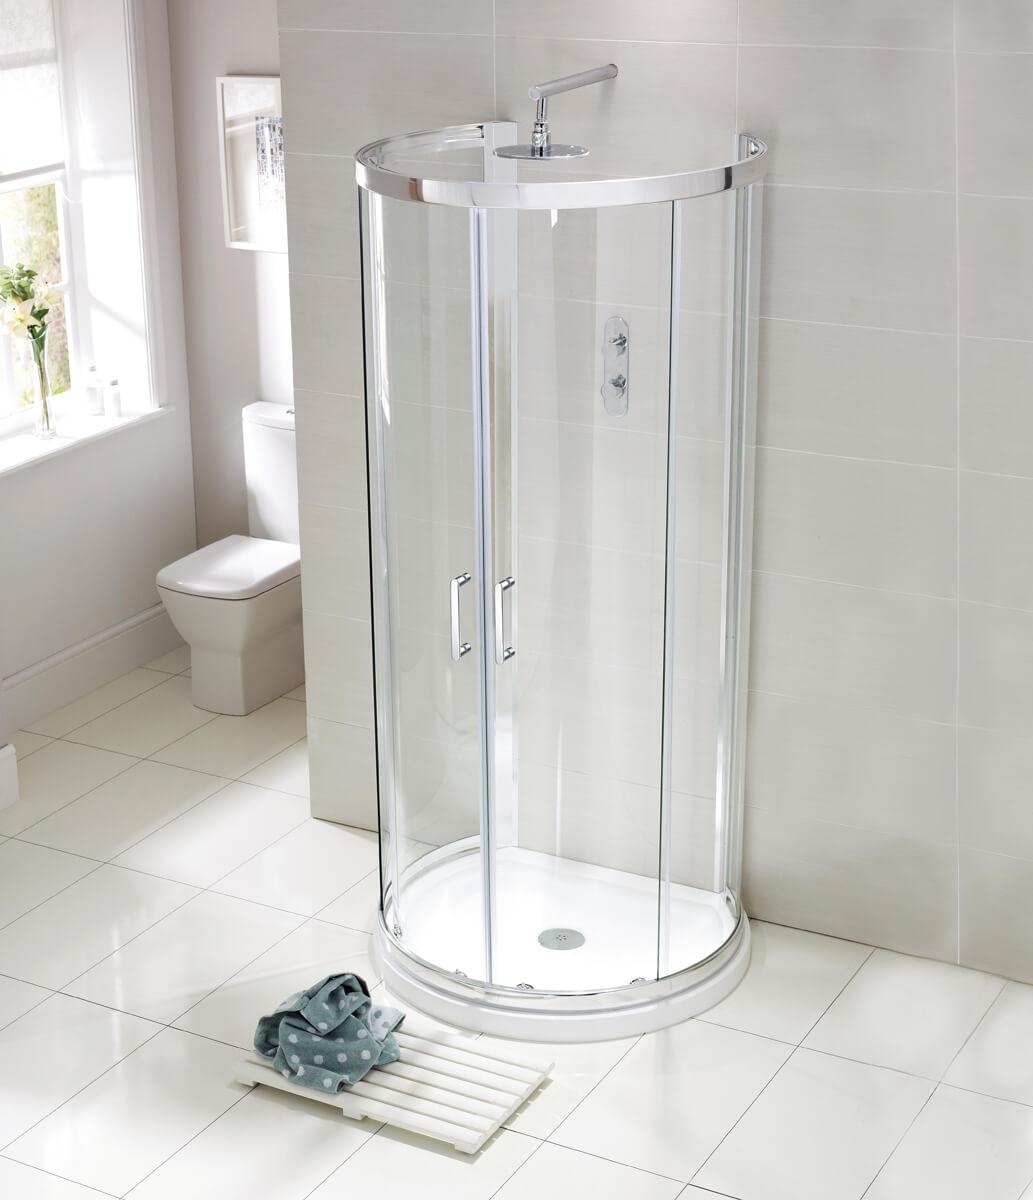 Frontline Aquaglass Purity 6mm D-Shaped Quadrant Enclosure